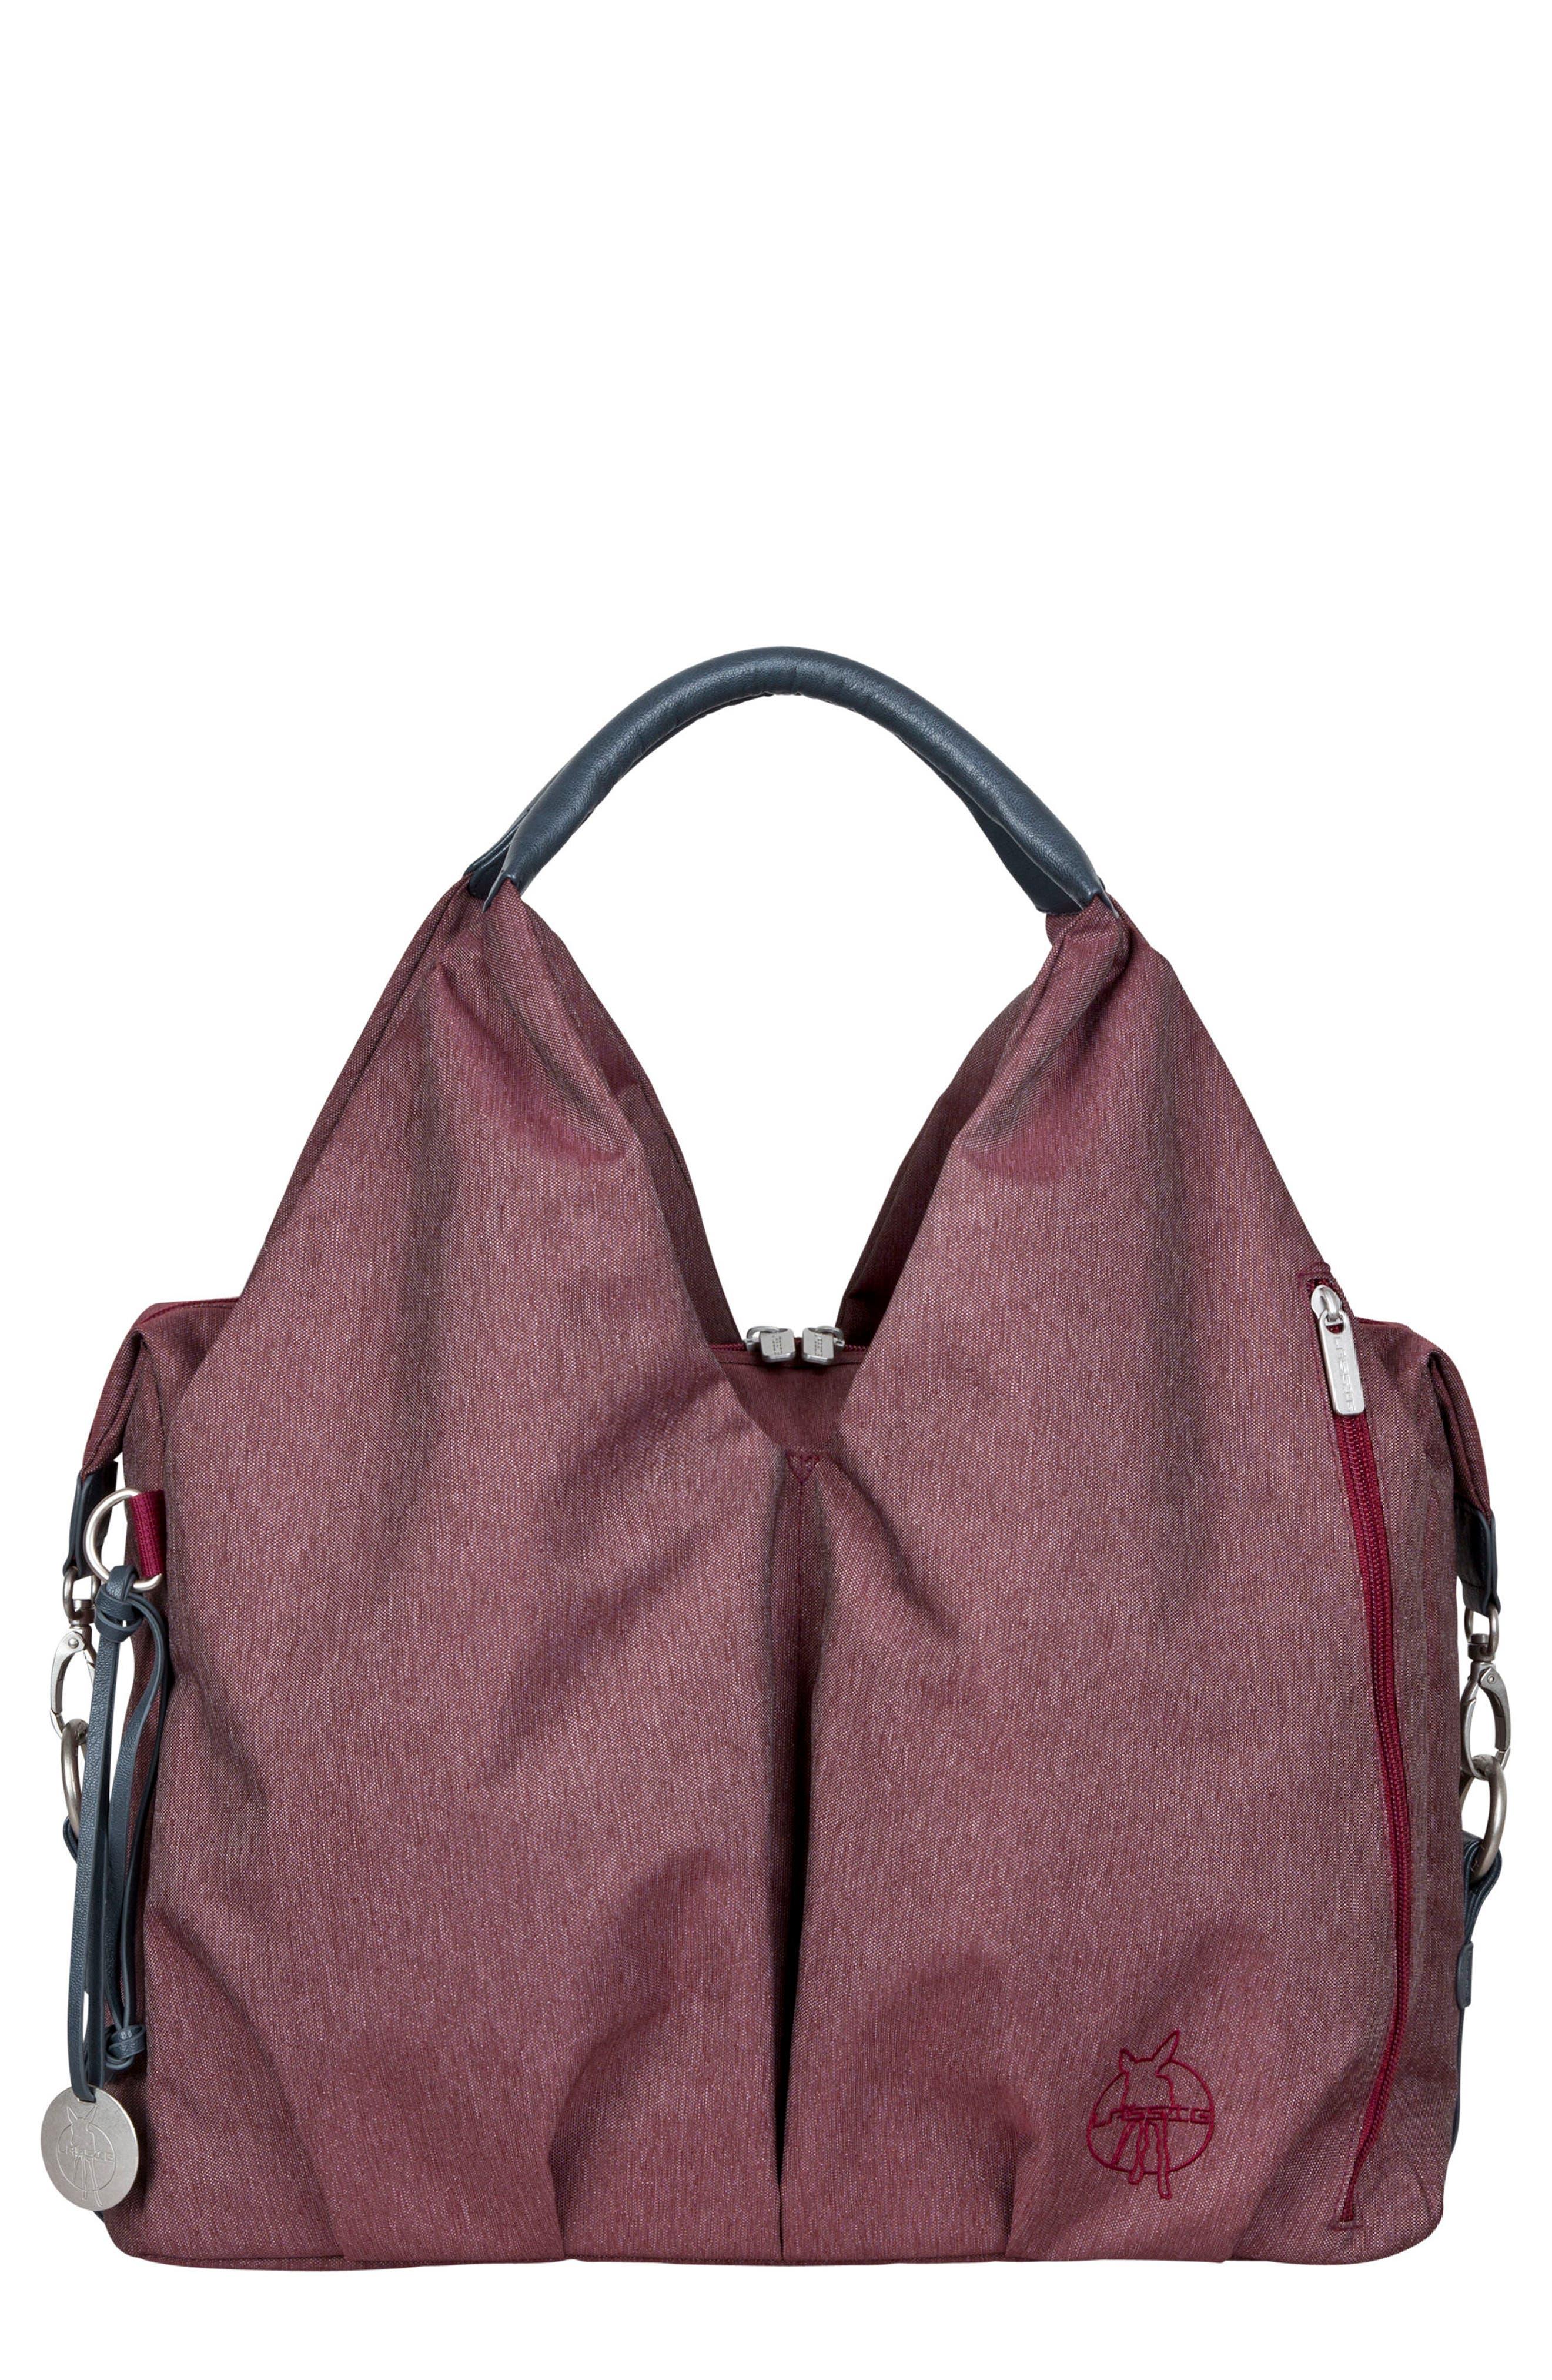 Alternate Image 1 Selected - Lässig 'Green Label - Neckline' Diaper Bag